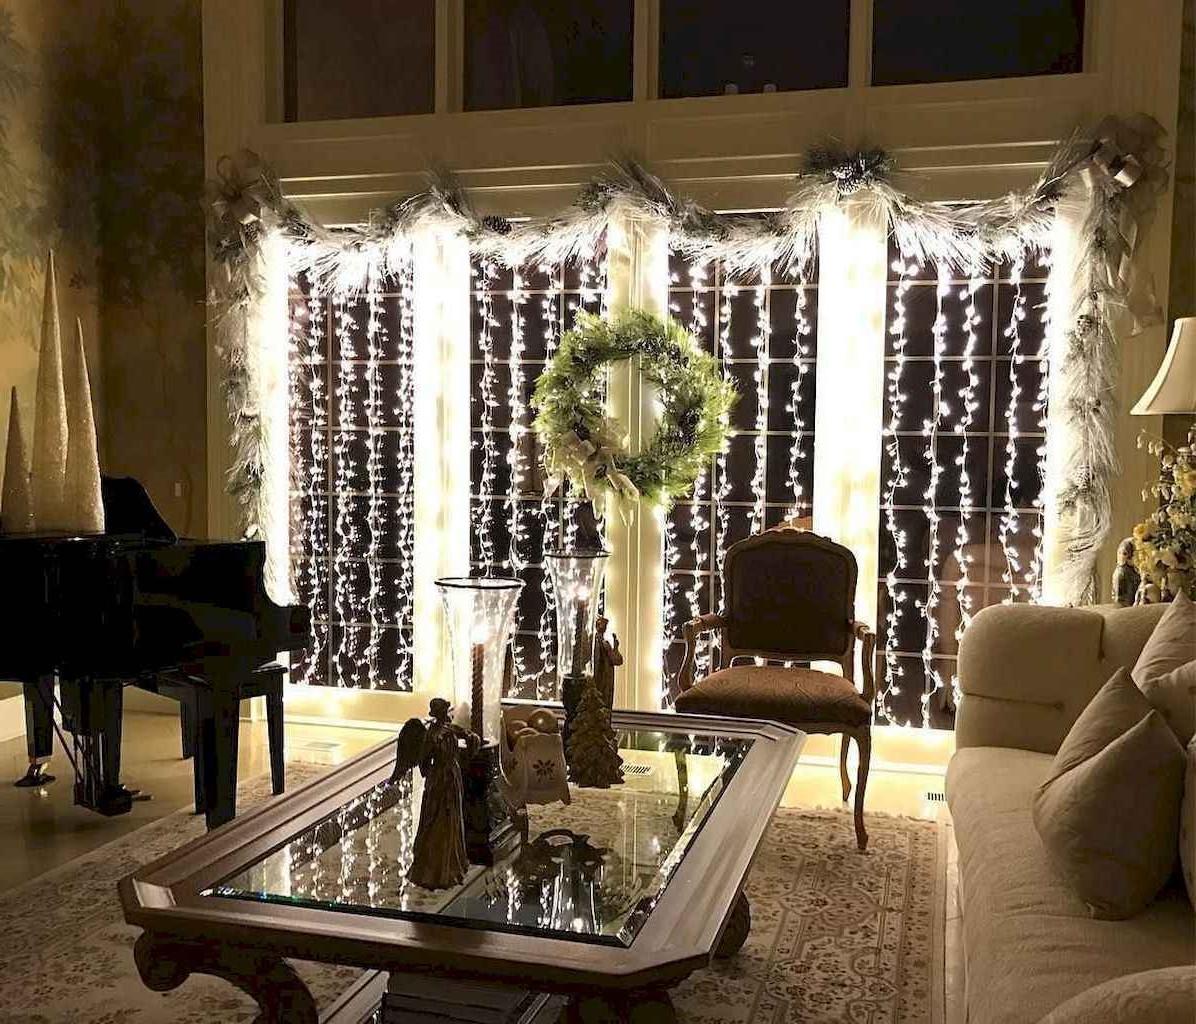 Rideau de lumières pour votre salon.